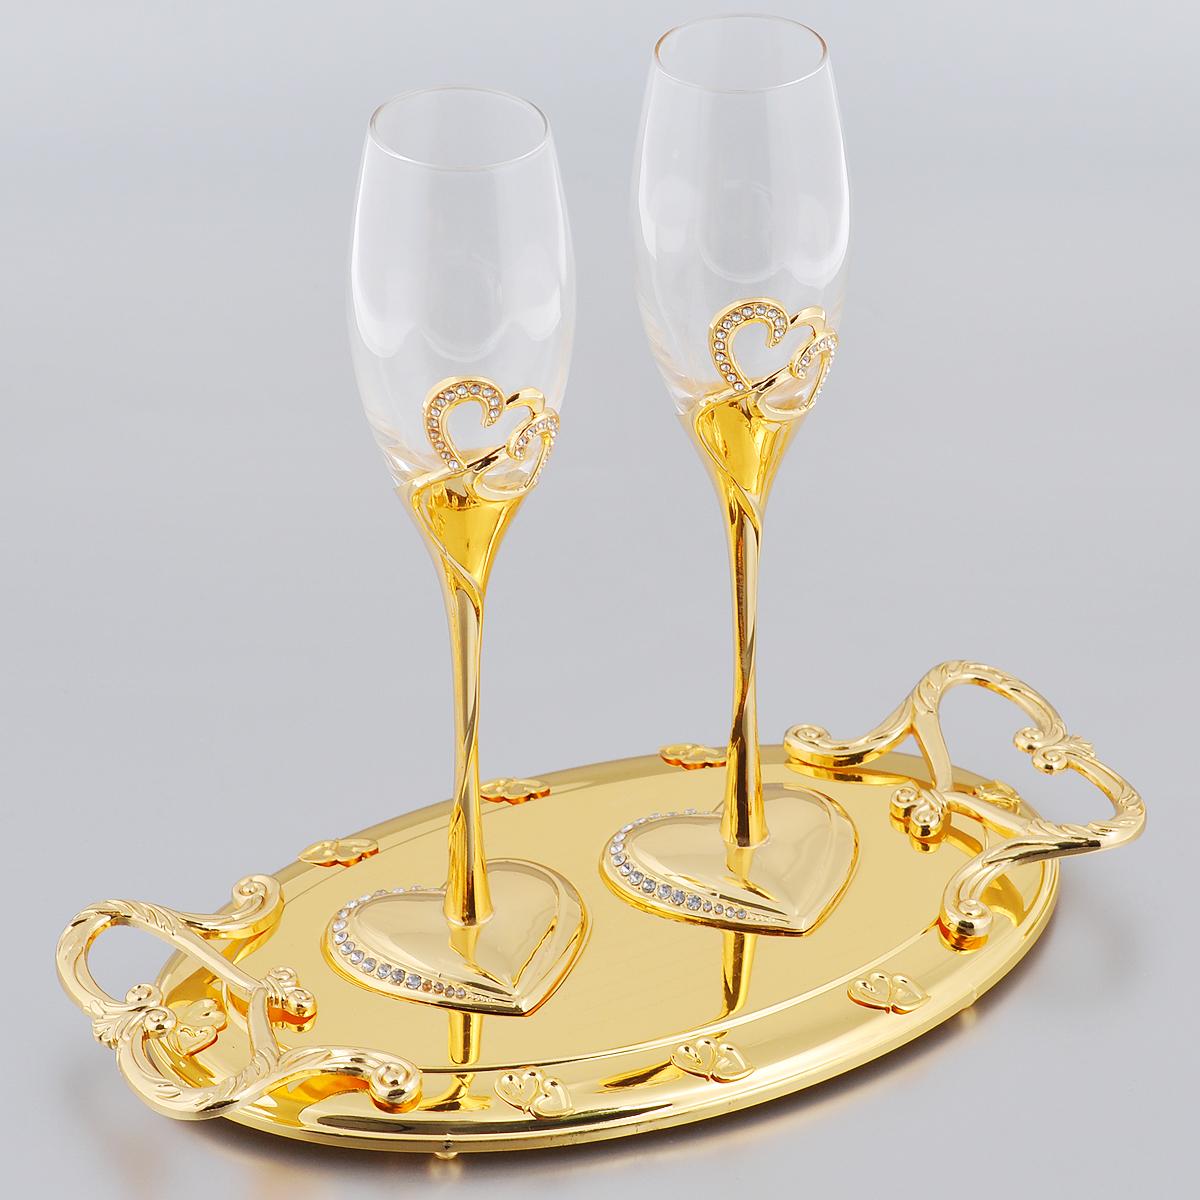 набор бокалов marquis сердце 2 шт 1098 mr Набор бокалов Marquis Свадьба, на подносе, цвет: золотистый, 3 предмета. 2138-MR